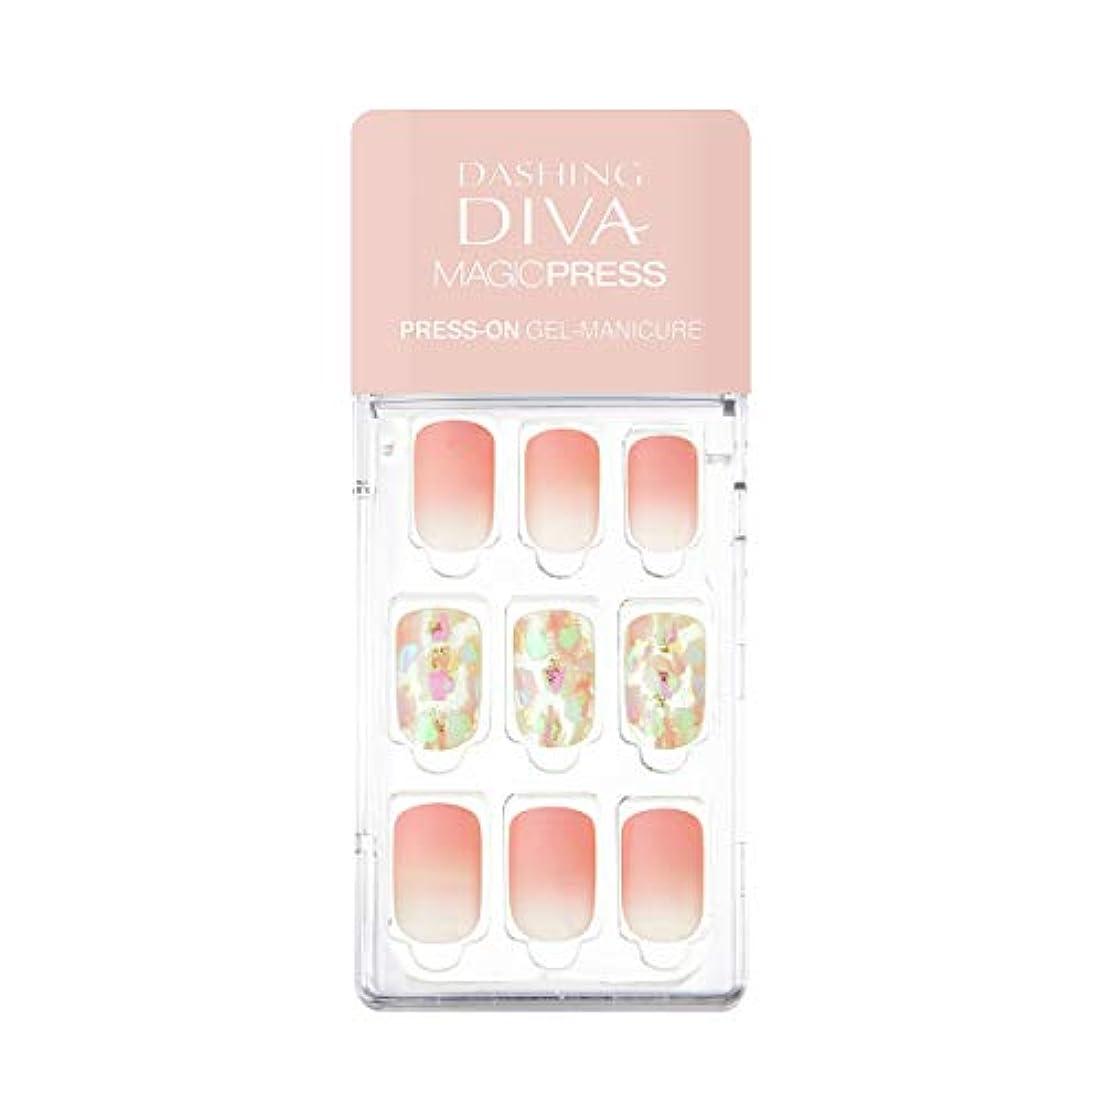 ダッシングディバ マジックプレス DASHING DIVA MagicPress MDR_282-DURY+ オリジナルジェル ネイルチップ Rosy Glow